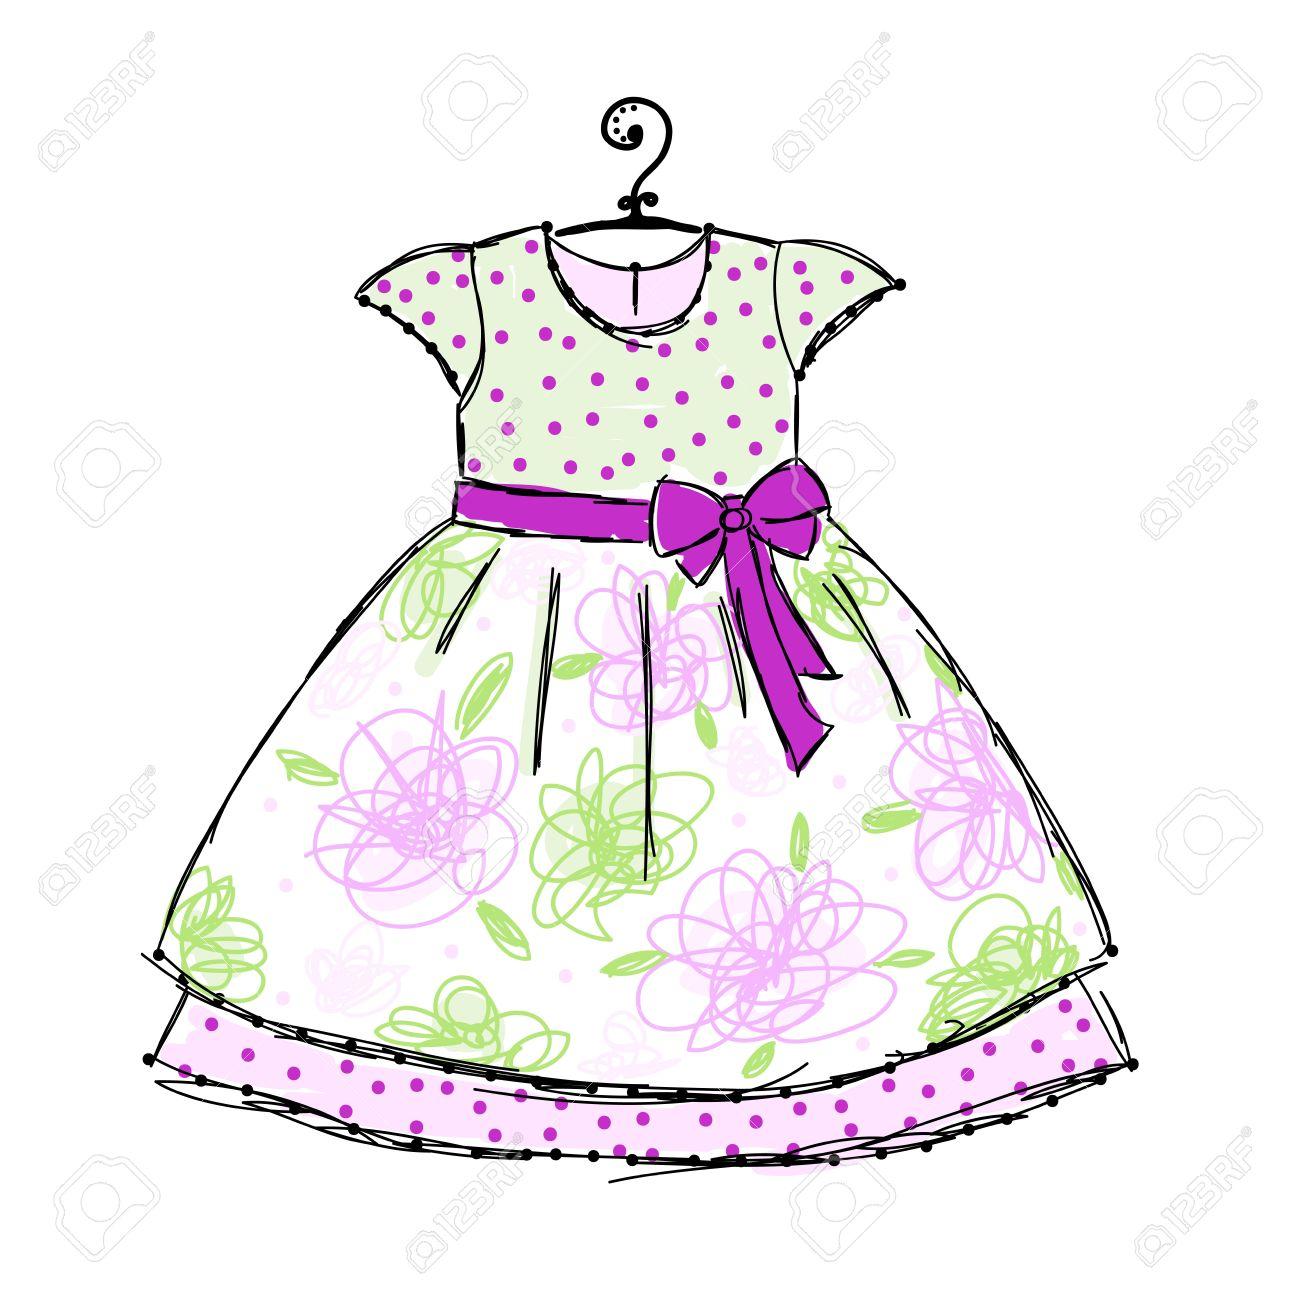 a dress cartoon